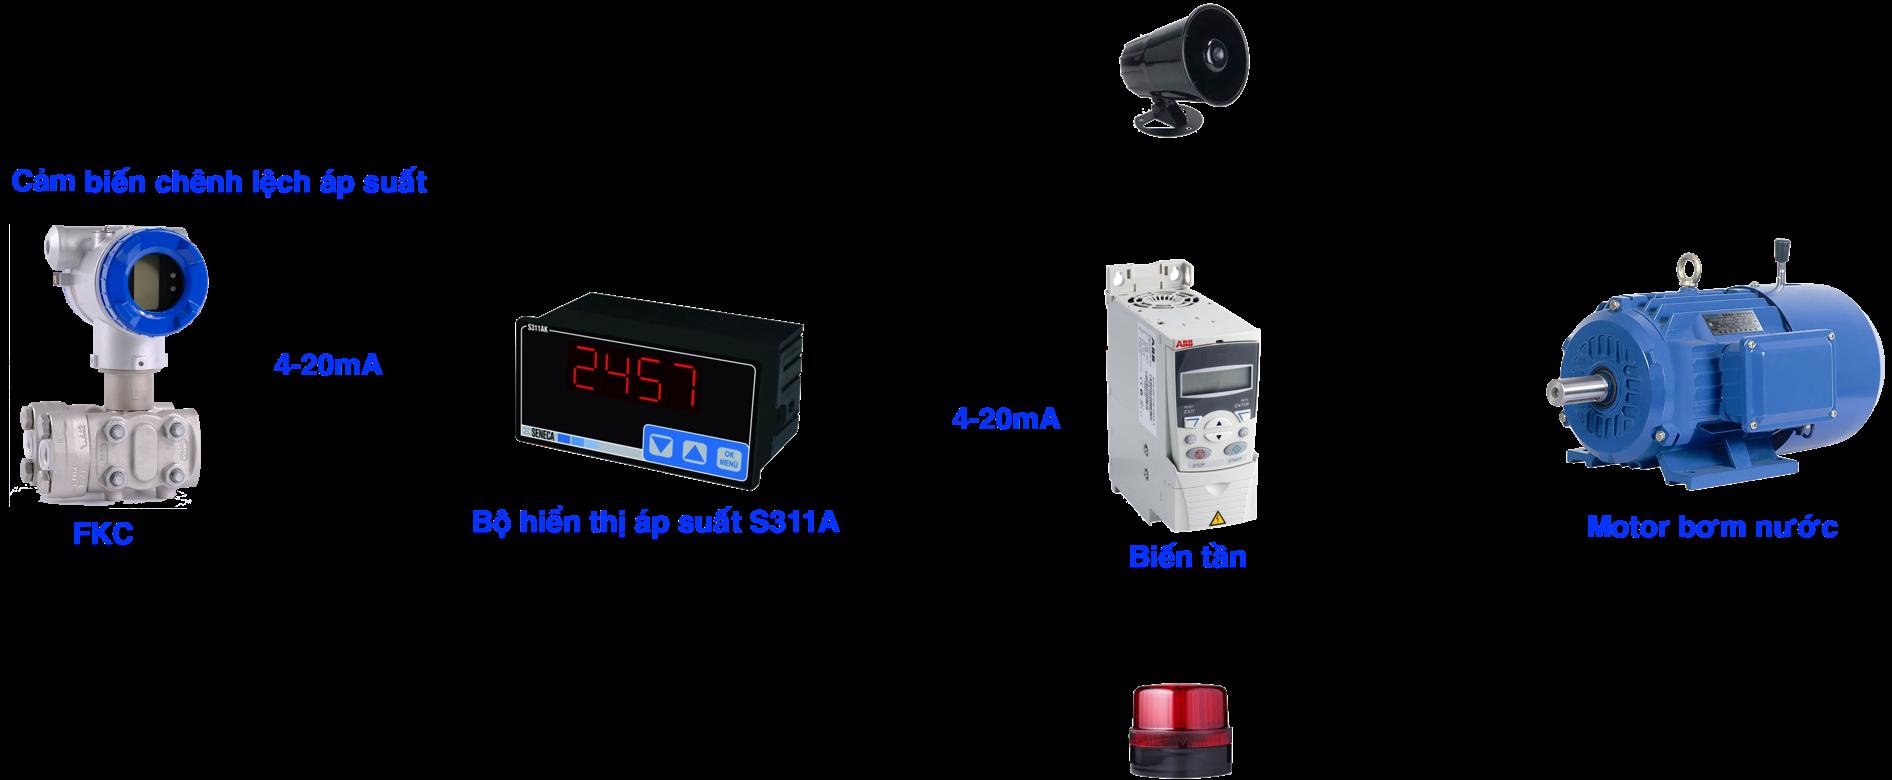 Ưng dụng cảm biến chênh áp suất nước